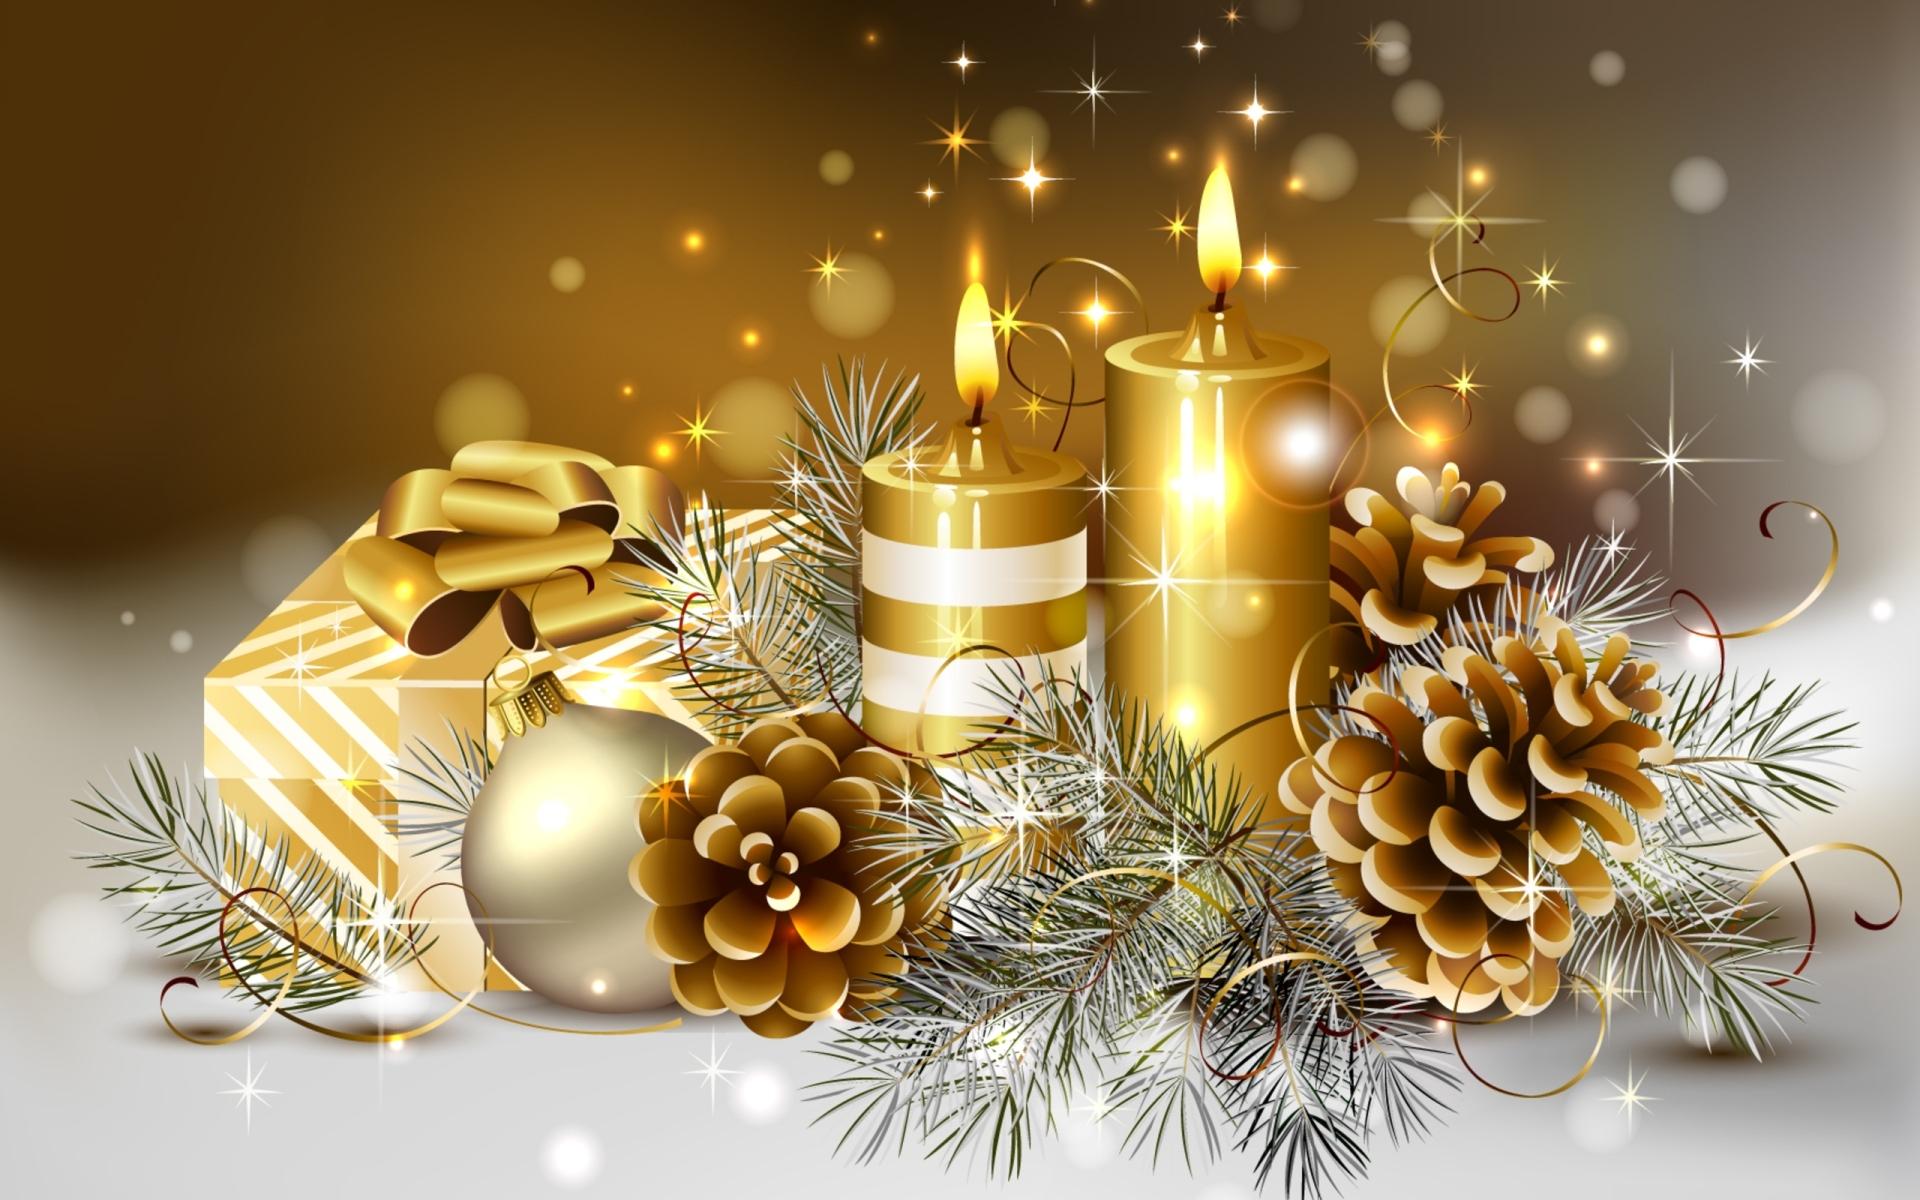 Рождественские мотивы - обои для рабочего стола, картинки, фото